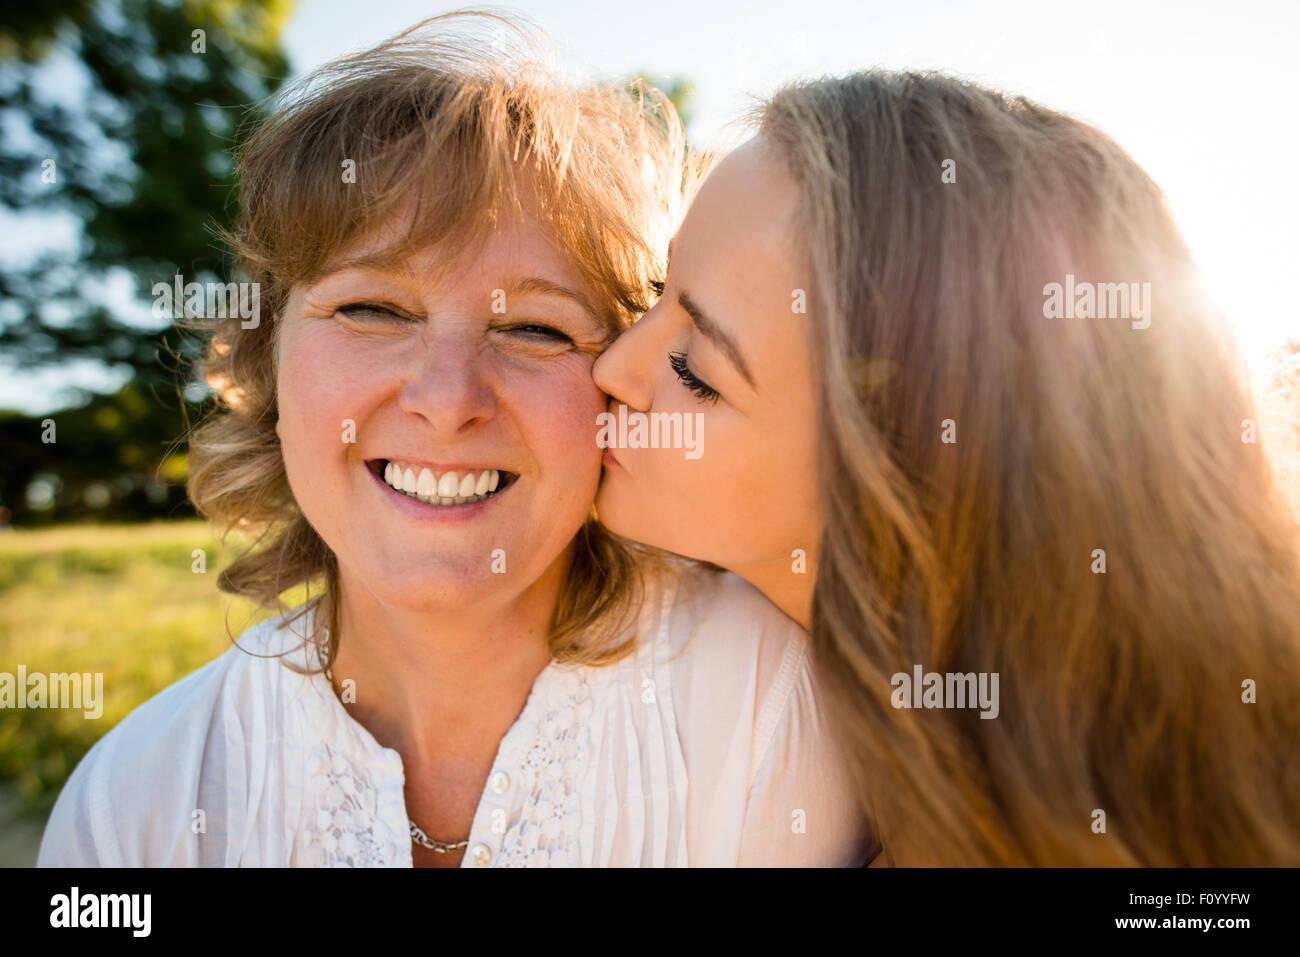 Hija adolescente besando a su madre en la naturaleza al aire libre con el sol en el fondo, gran angular Imagen De Stock